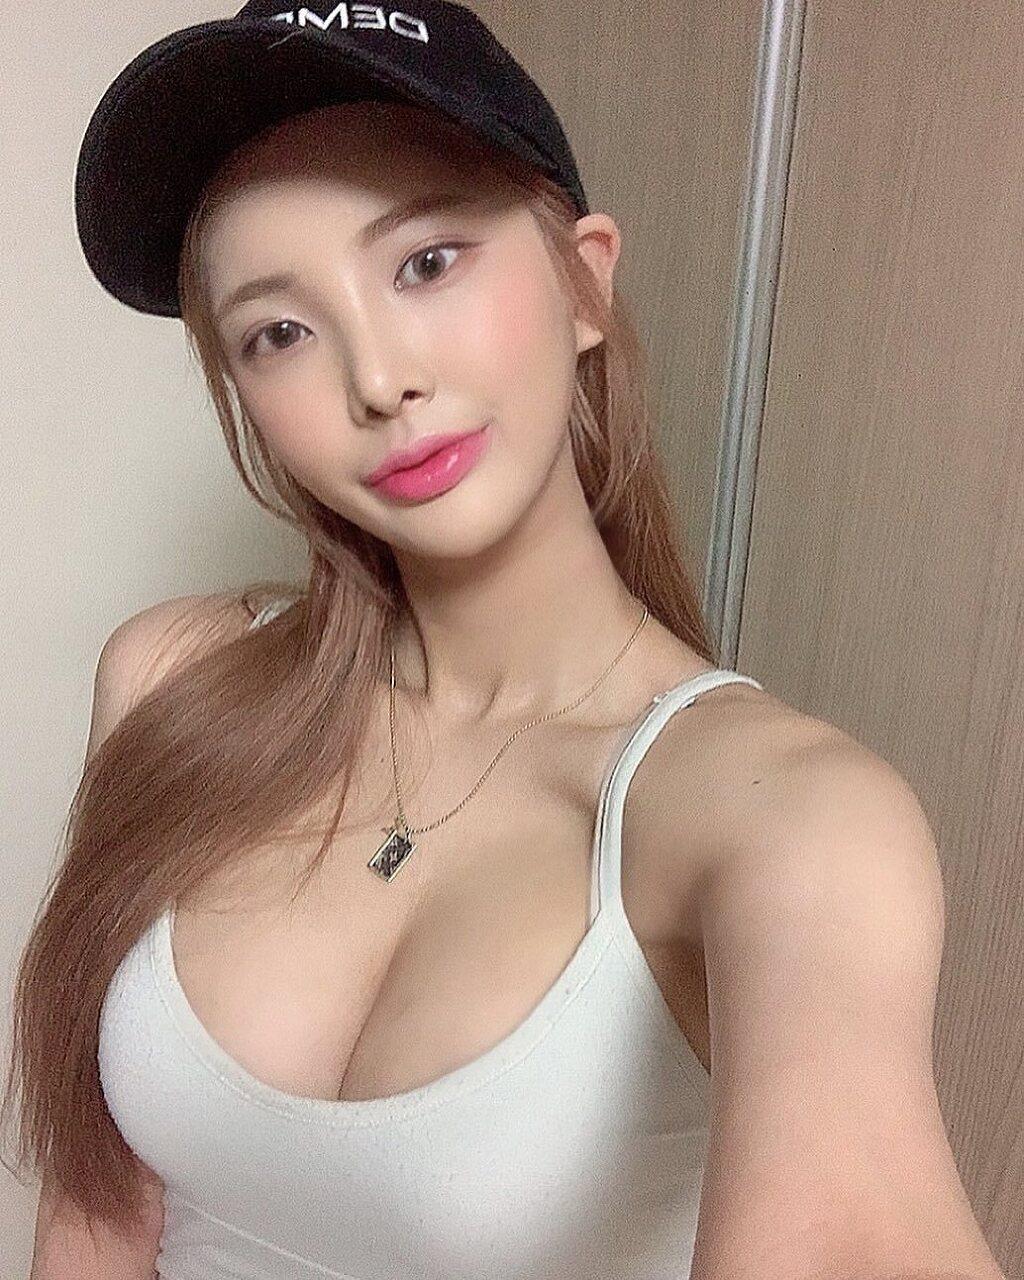 2021 미맥콘 참가자 김효연 - 꾸르